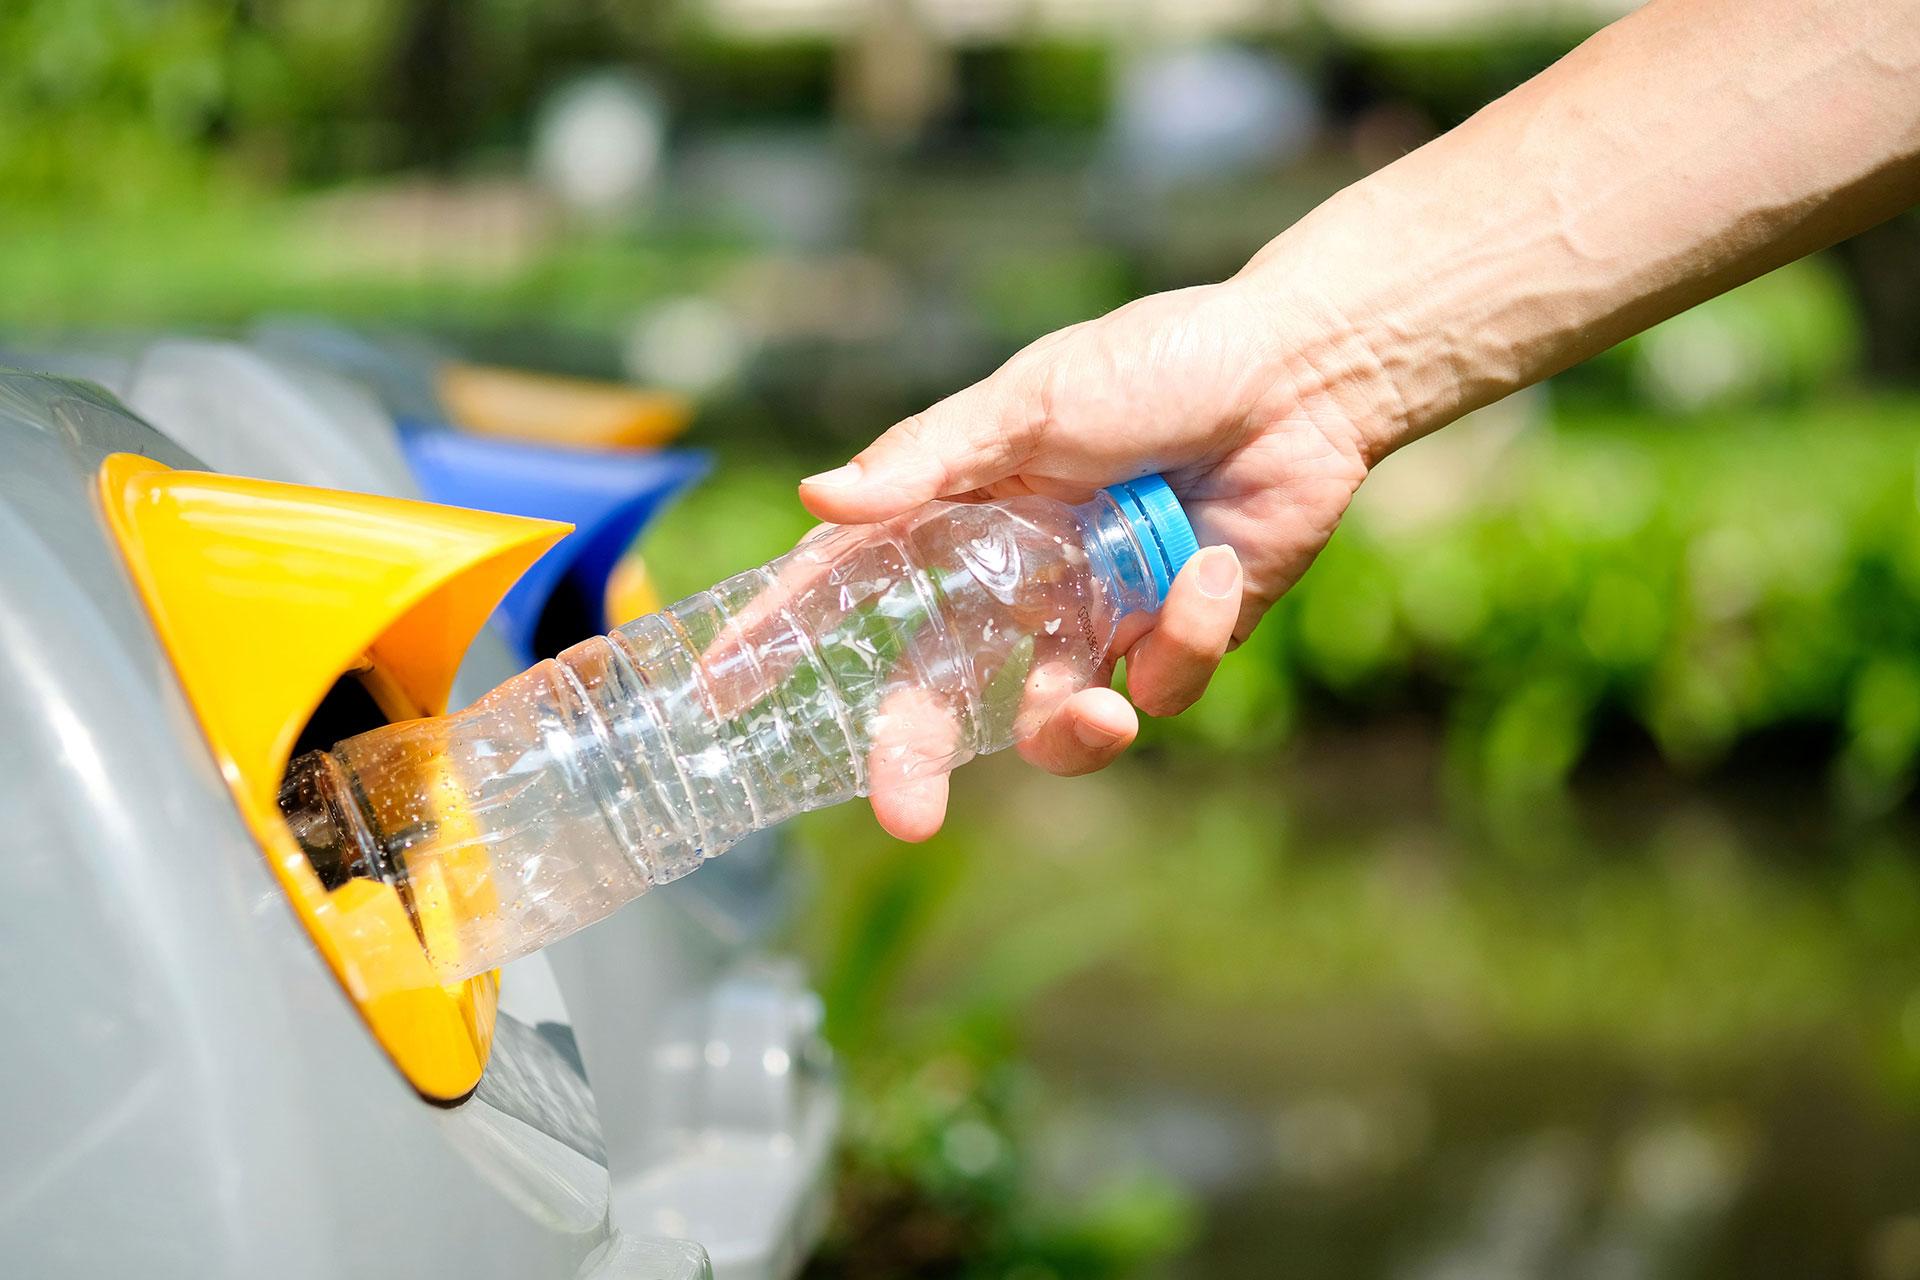 ¿Cuáles son los errores más comunes cuando reciclamos?